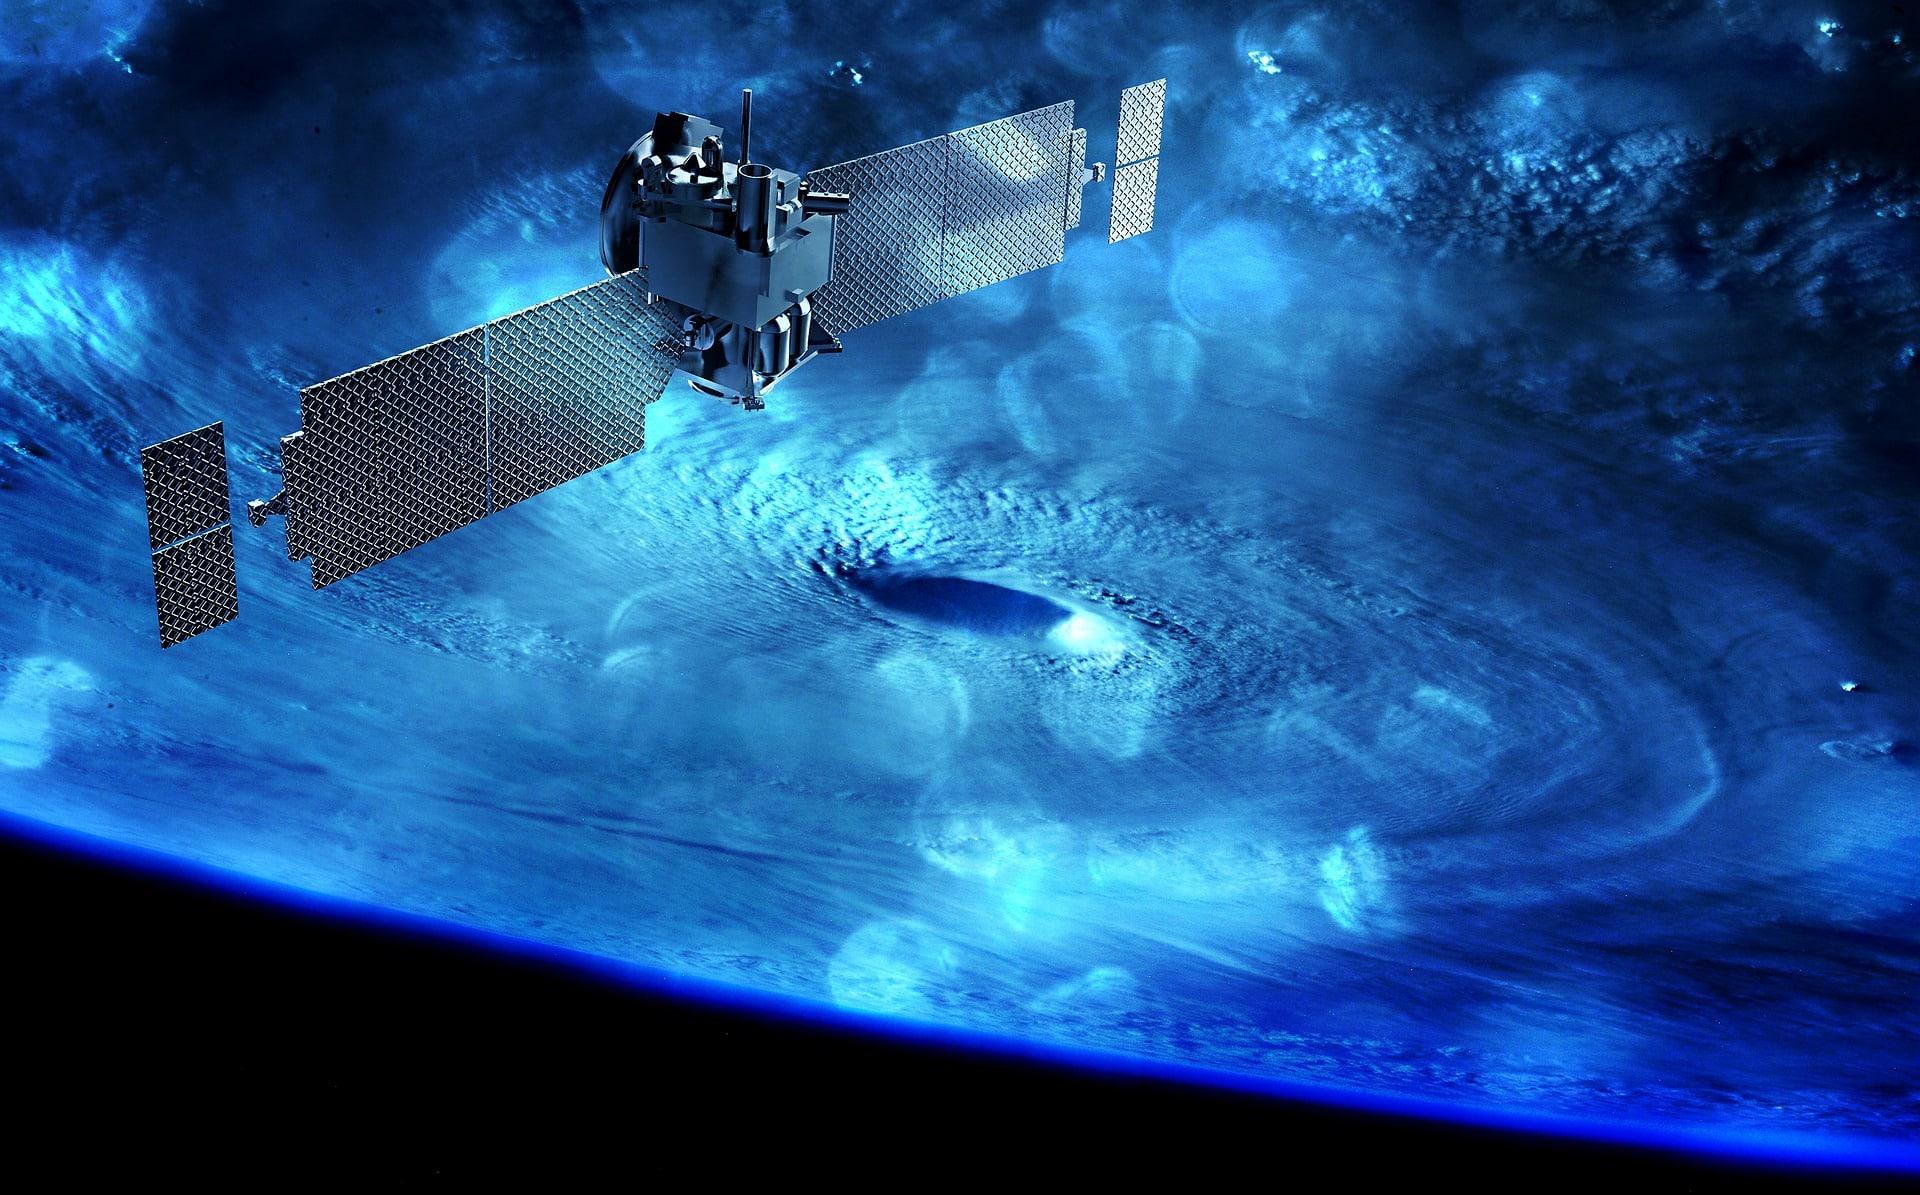 Un satellite russe serait en train d'espionner un satellite américain.